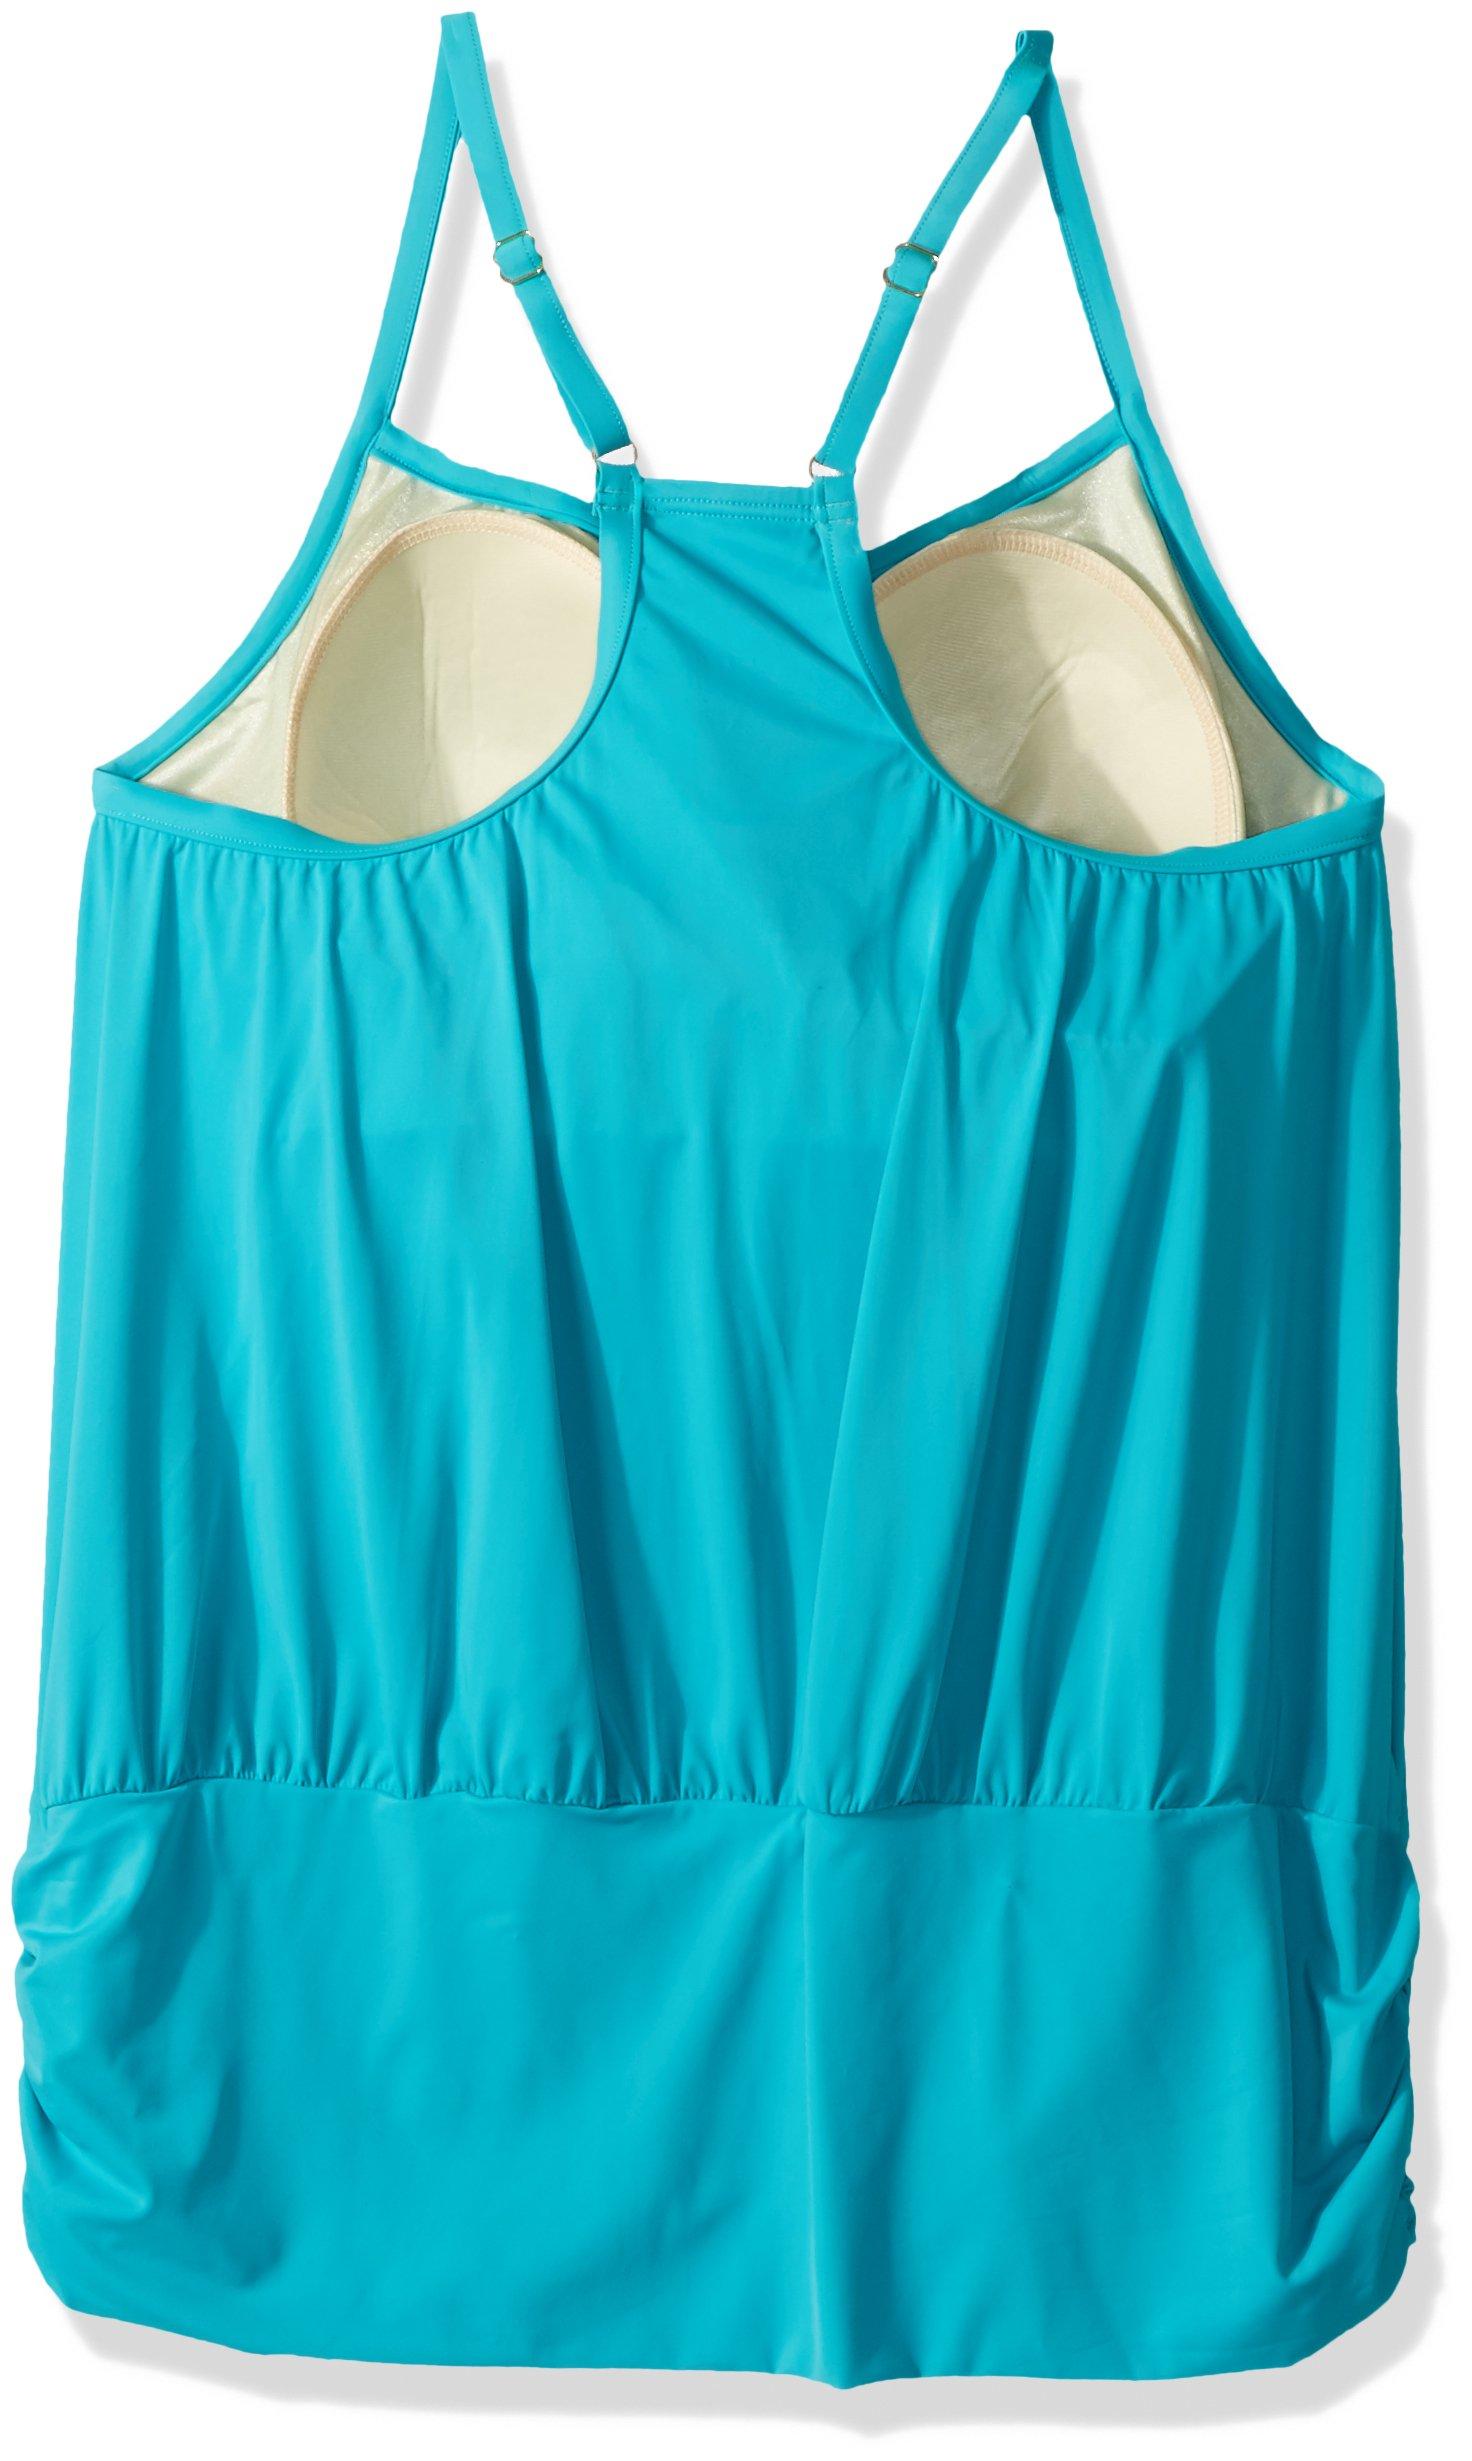 Fit 4 U Women's Plus Size Luxury Solids Fit 4 Ur Blouson Tankini Racer Back, Peppermint, 20W by Fit 4 U (Image #2)